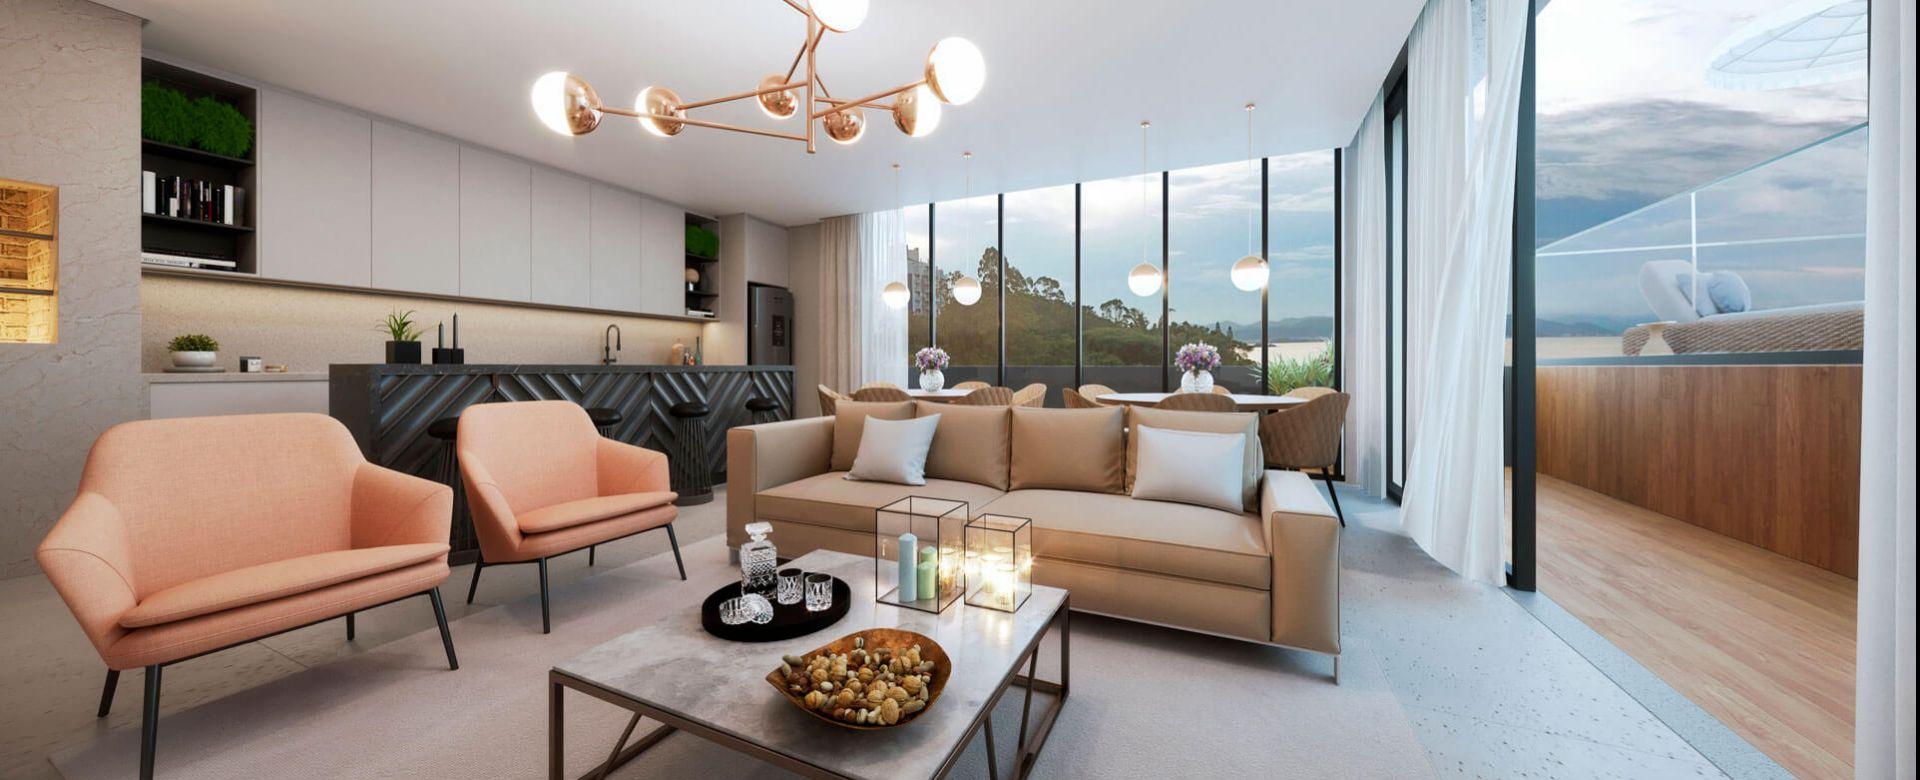 Imagem destaque do Reflect Residence